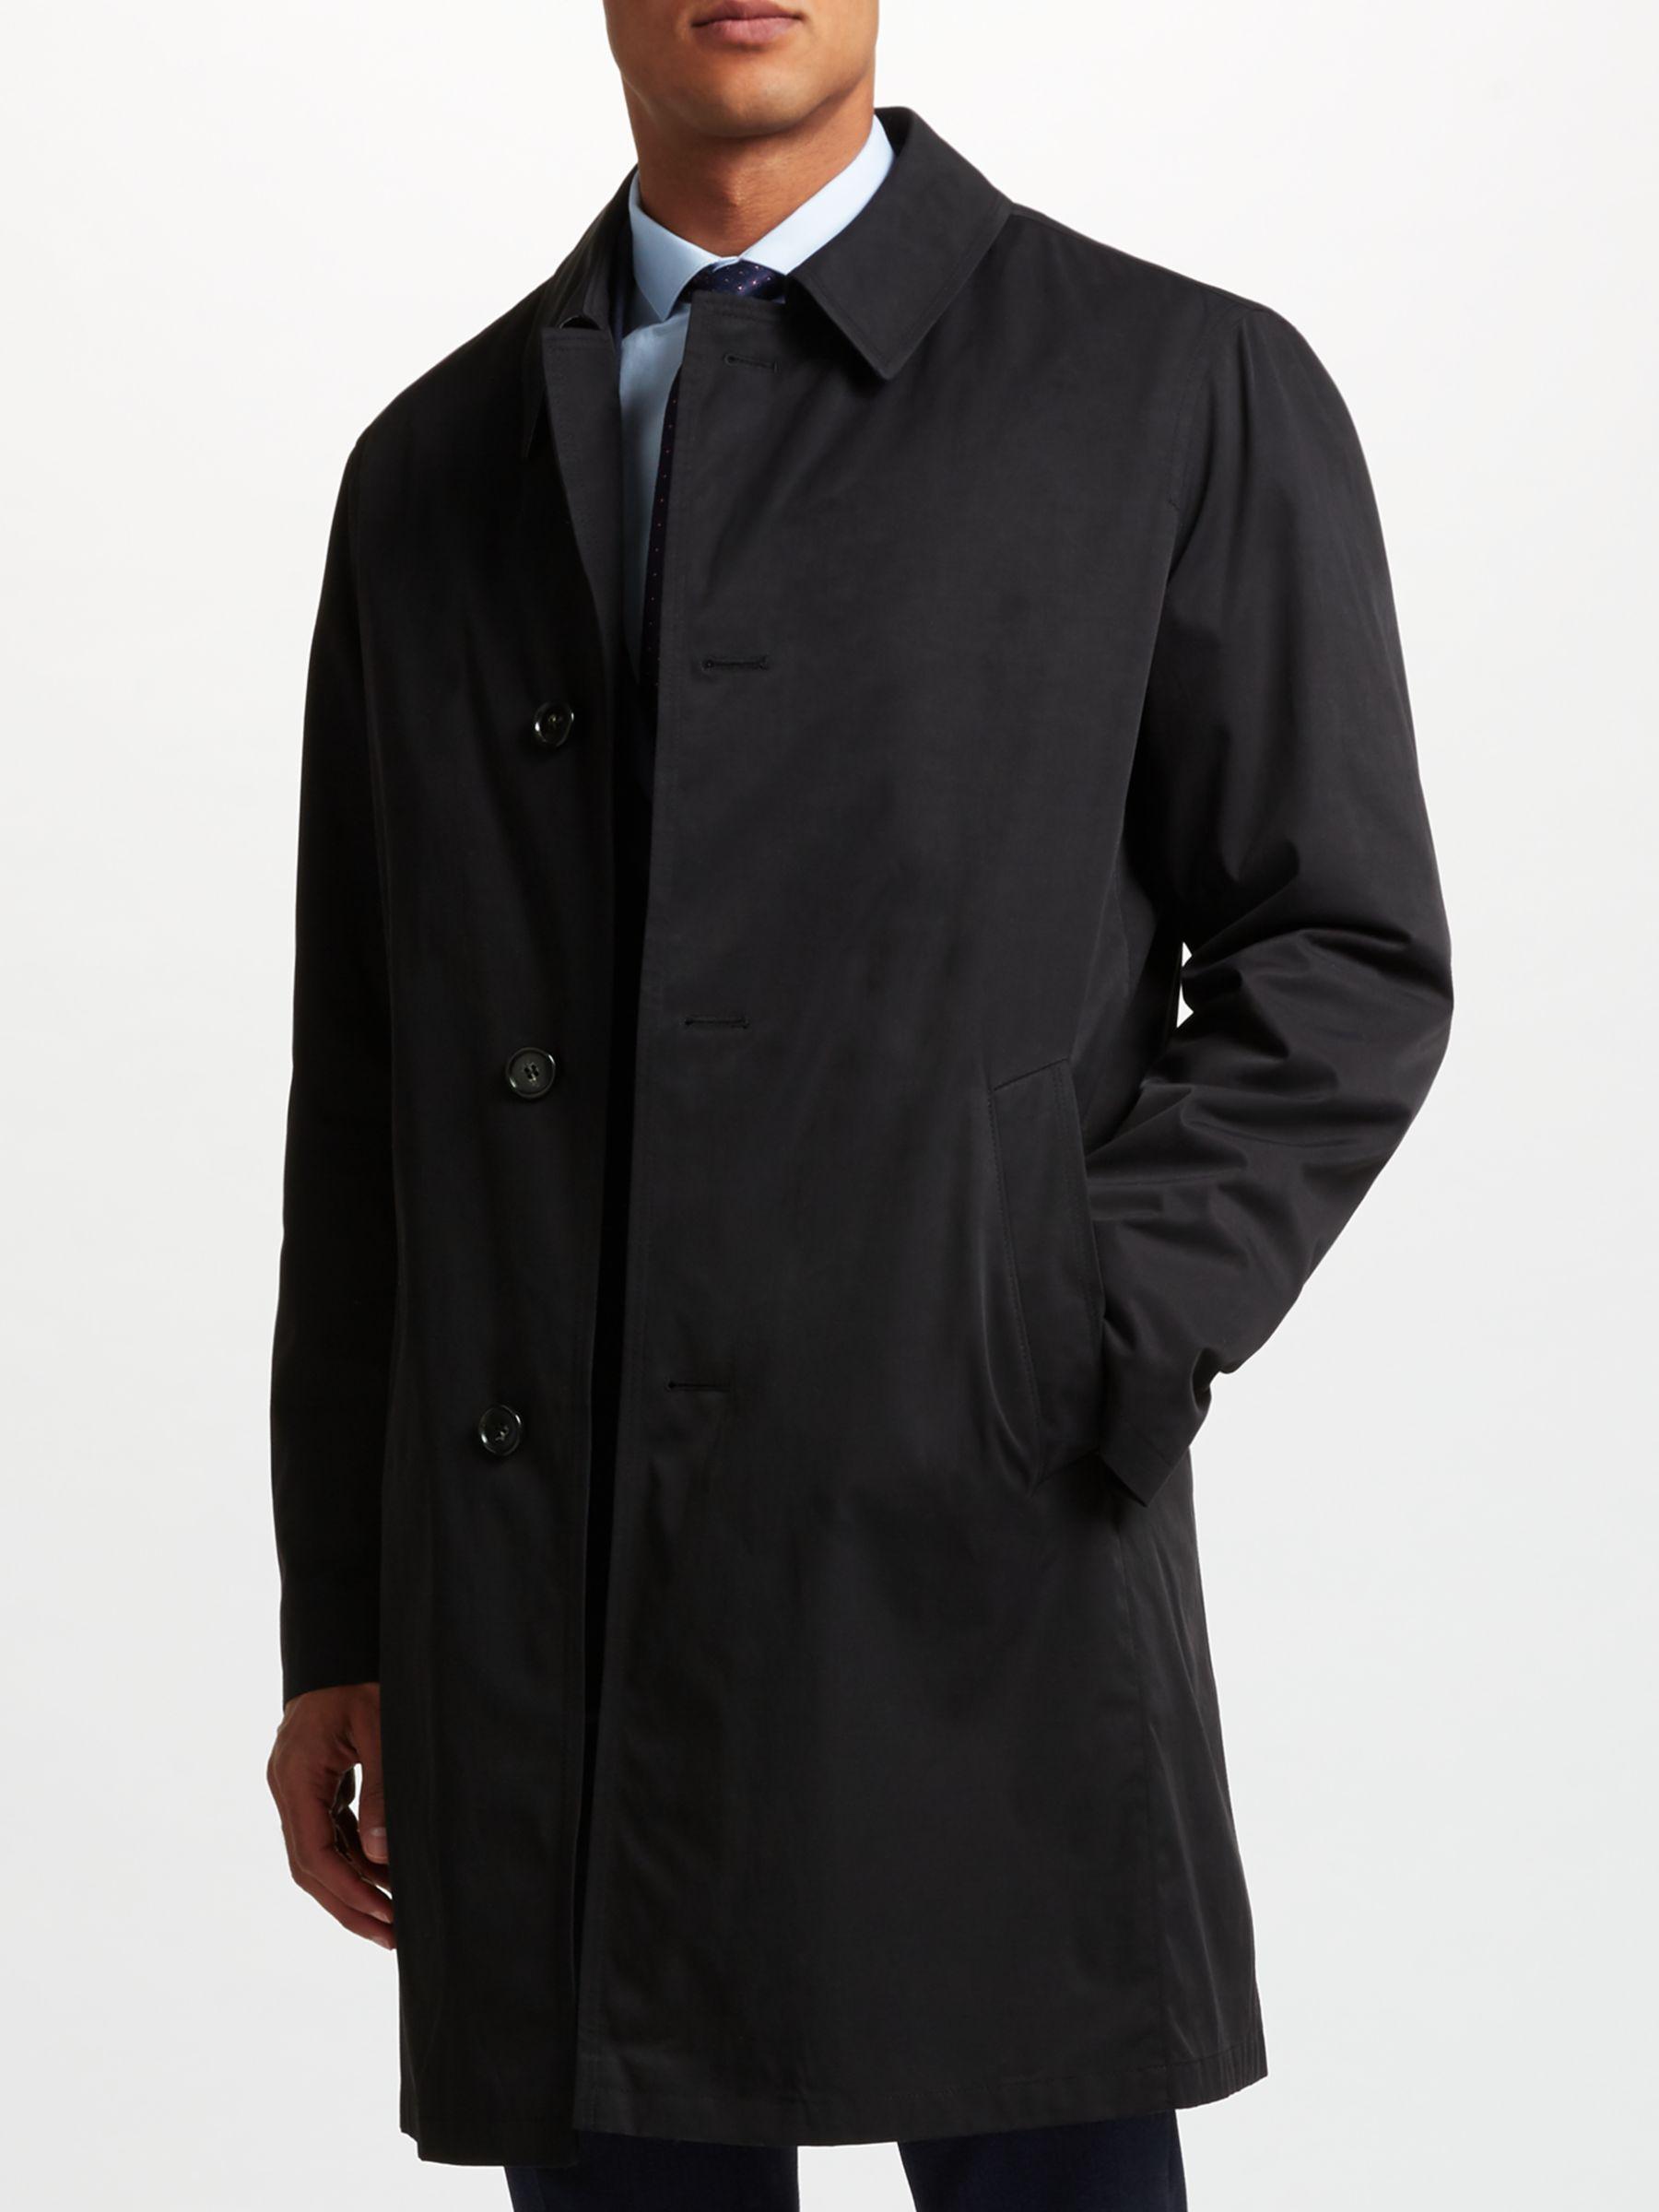 Bugatti Bugatti 98cm Water-Repellent Raincoat, Black